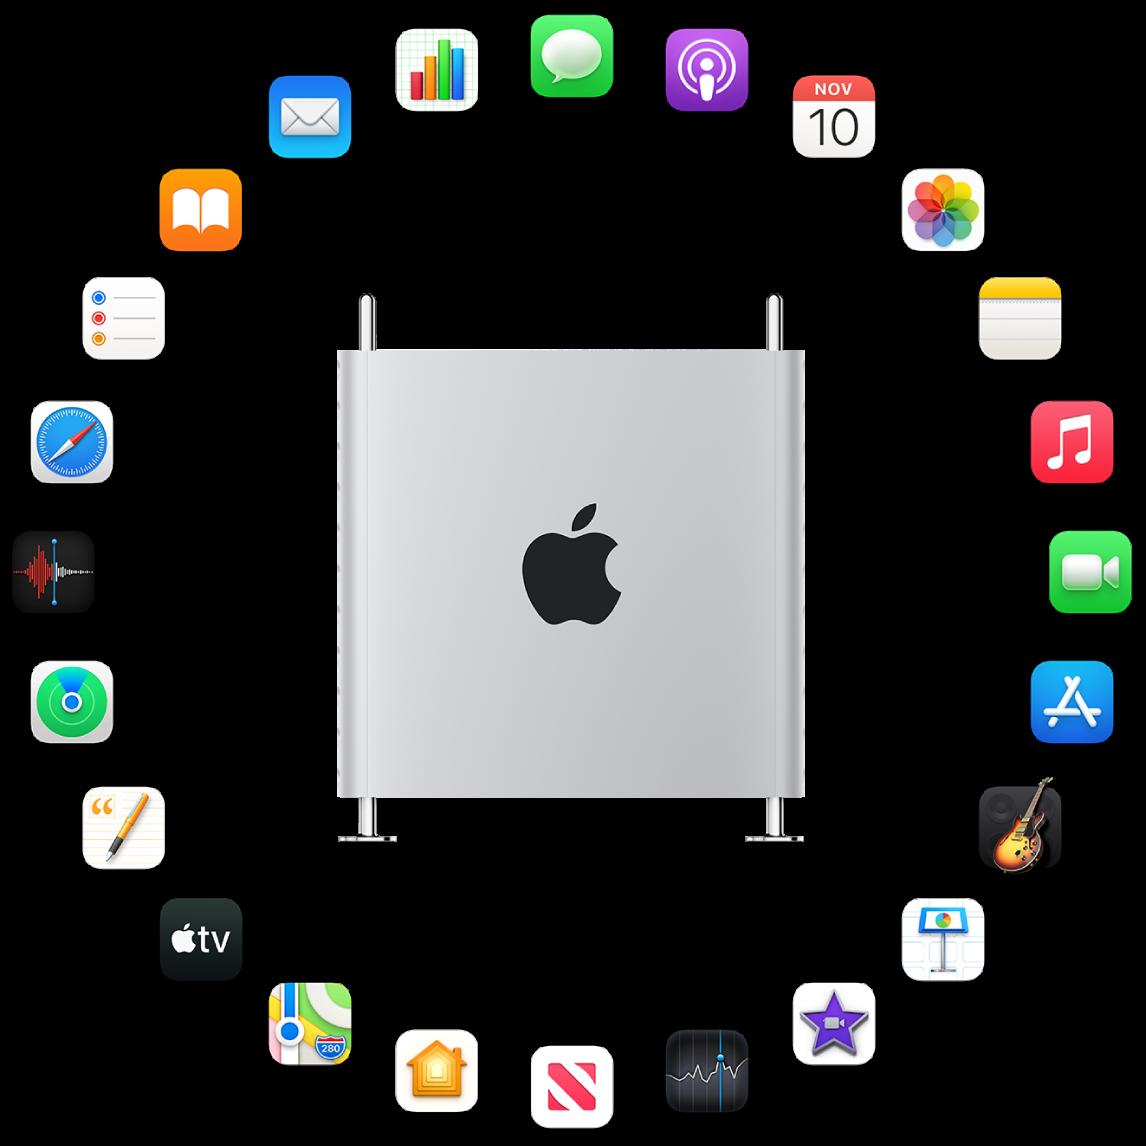 Ein MacPro, der von den Symbolen für die integrierten Apps umgeben ist, die in den folgenden Abschnitten beschrieben werden.